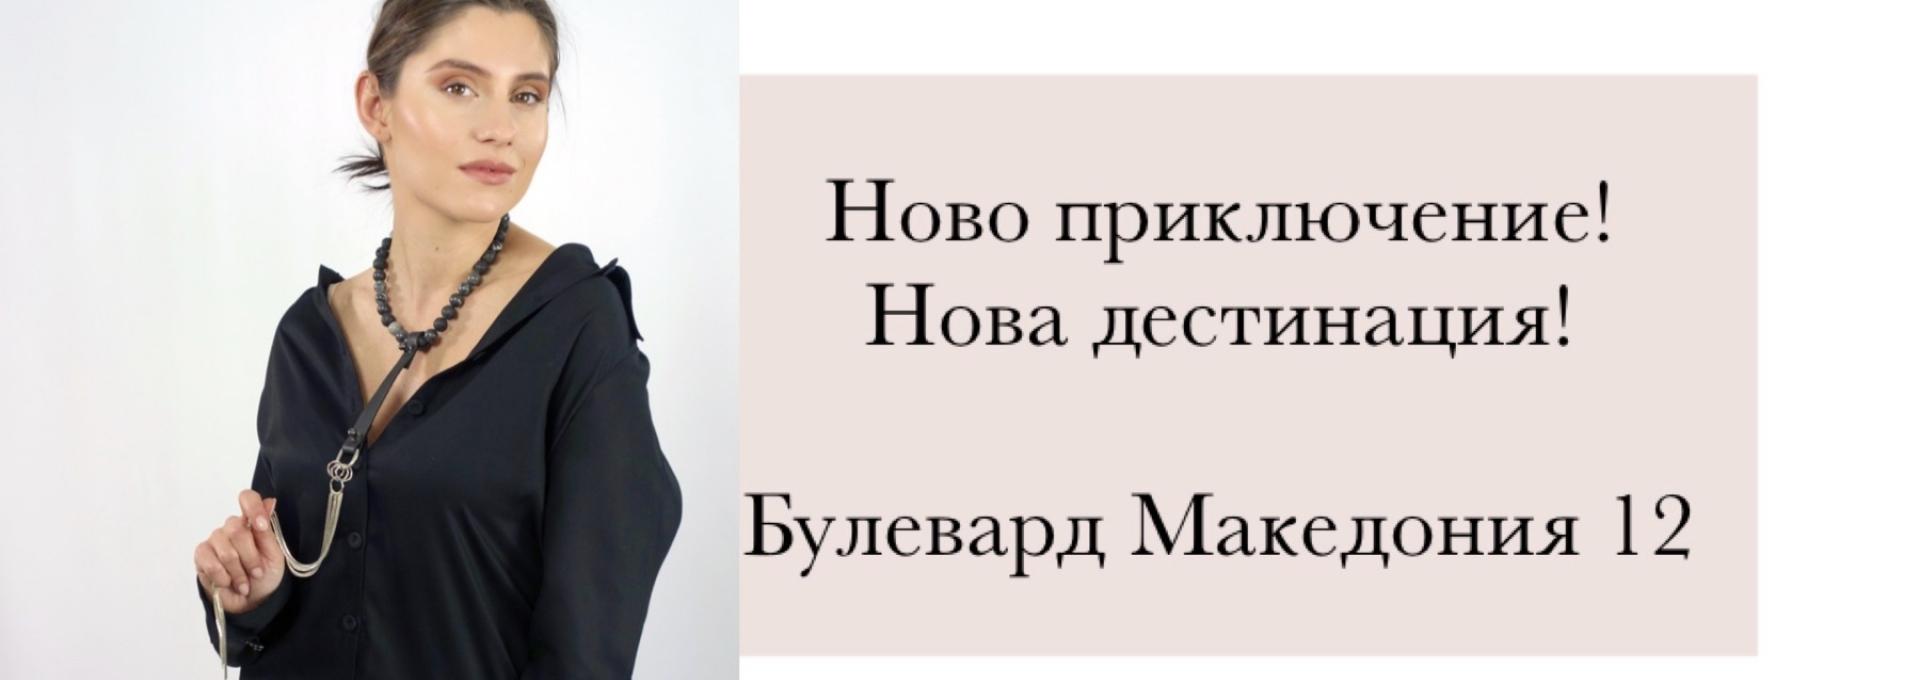 Дизайнерски бижута София